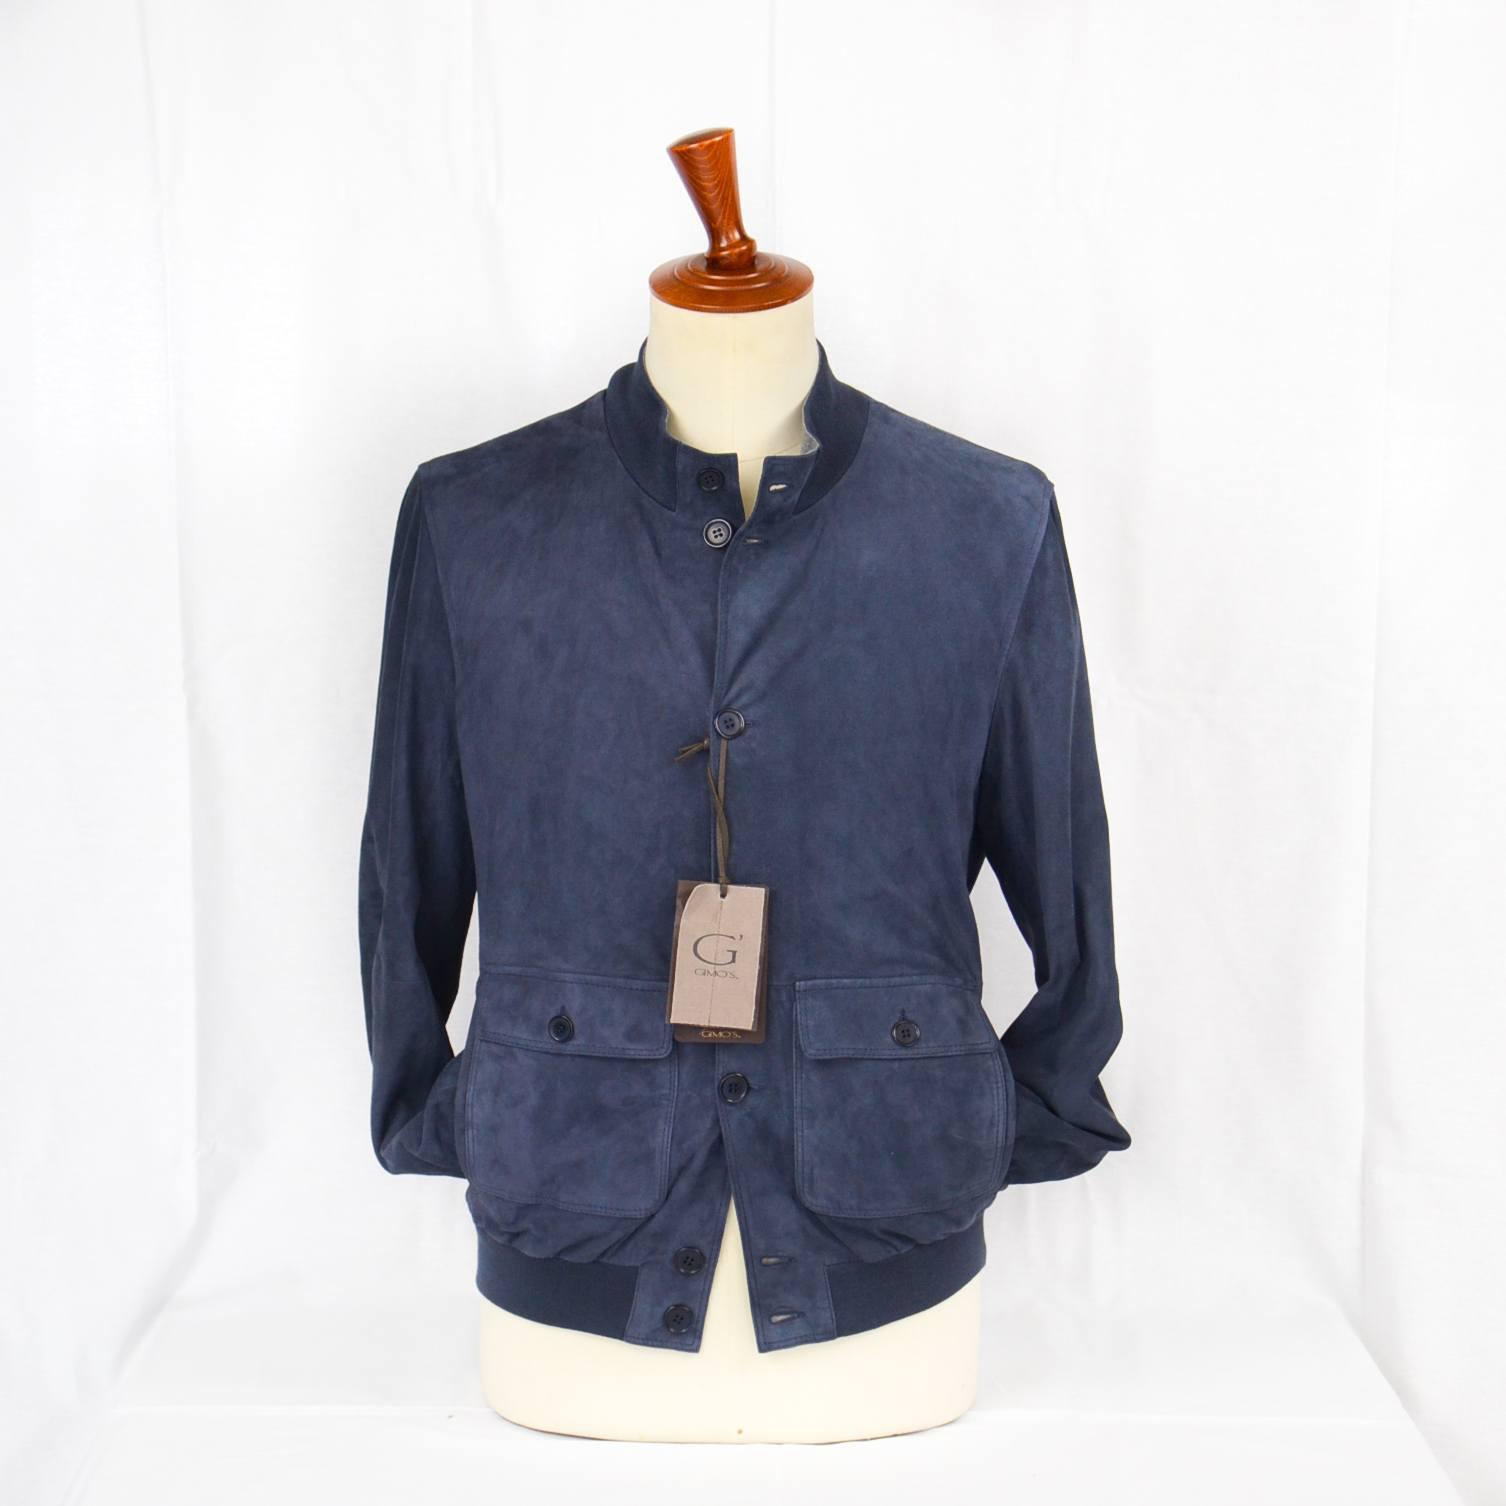 selezione migliore 67bed b25b9 GIUBBINO RENNA BLU REVERSIBILE Gimo's - Sabi Abbigliamento